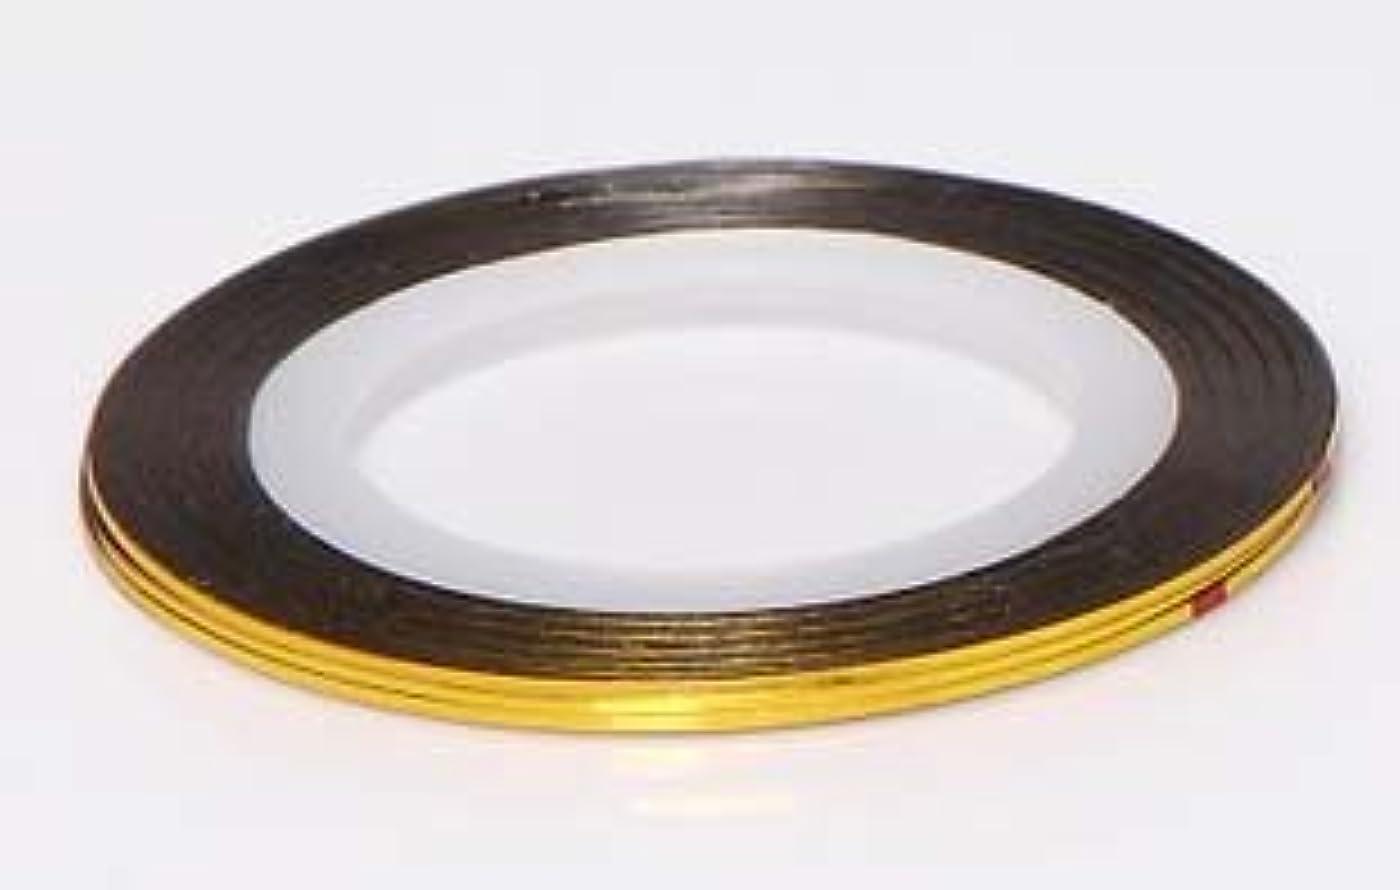 ゲーム厳しい配置【ラインストーン77】 ラインテープ 1mm 金色